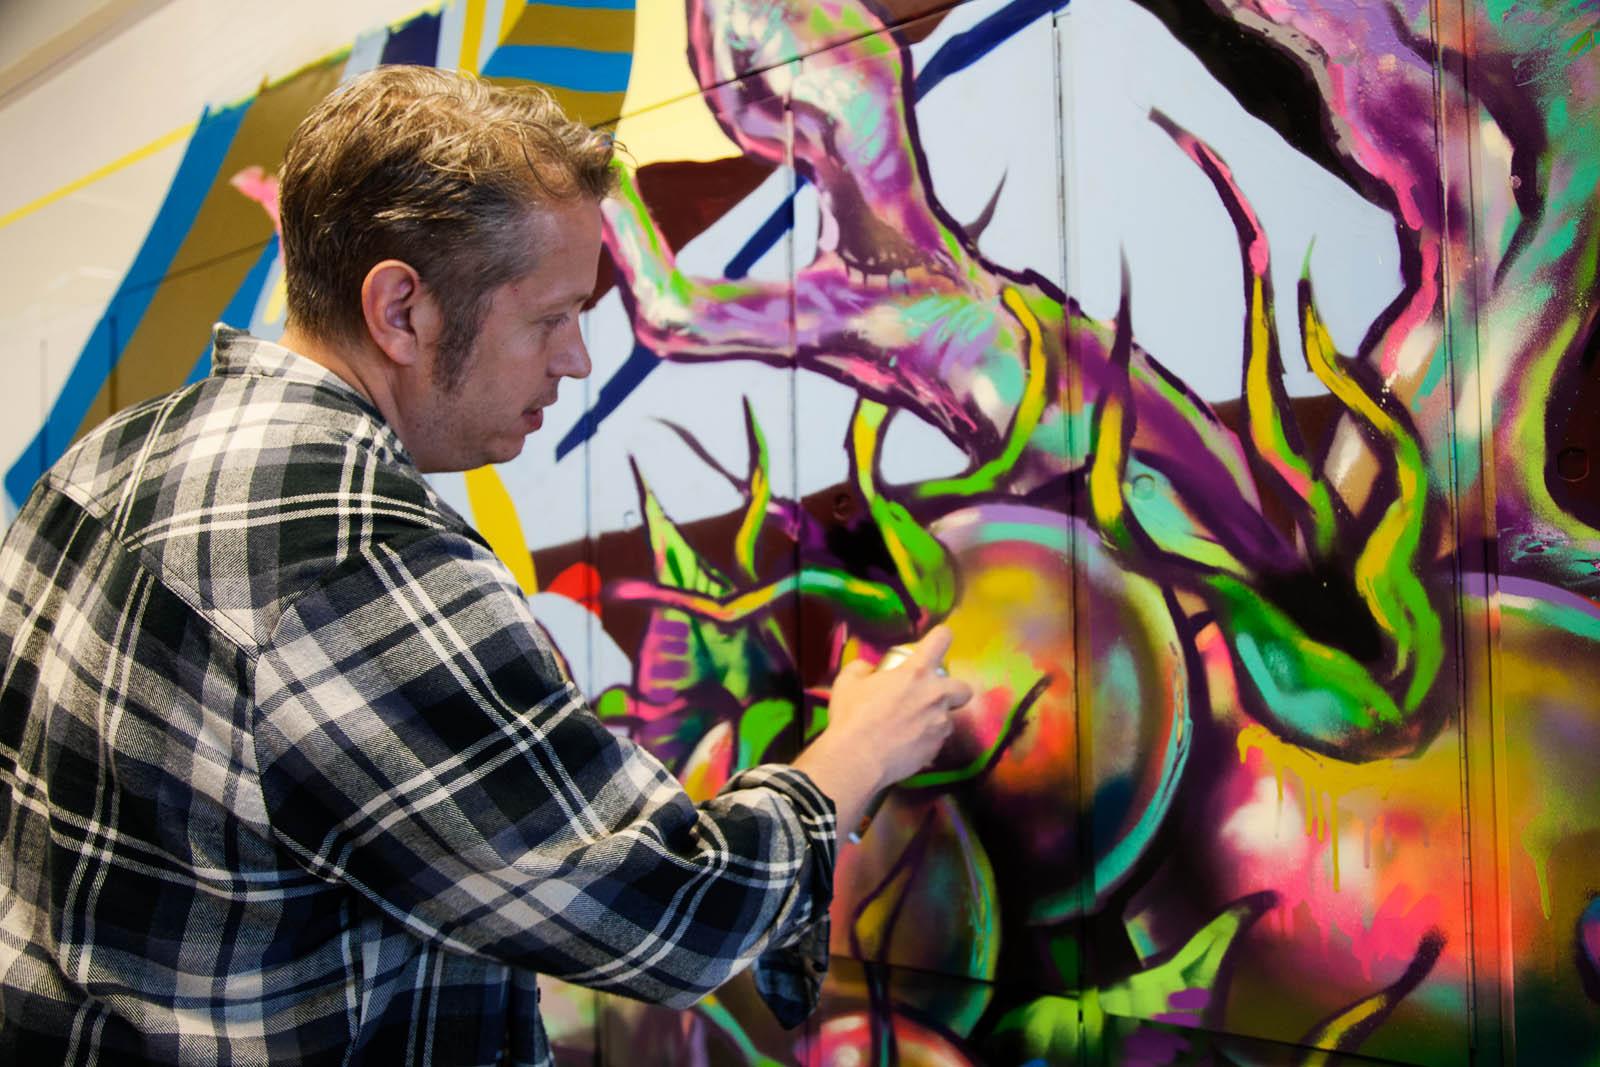 En man i färd med att spraya på en väggmålning. Pärra Andreasson, Vad Vi Vill